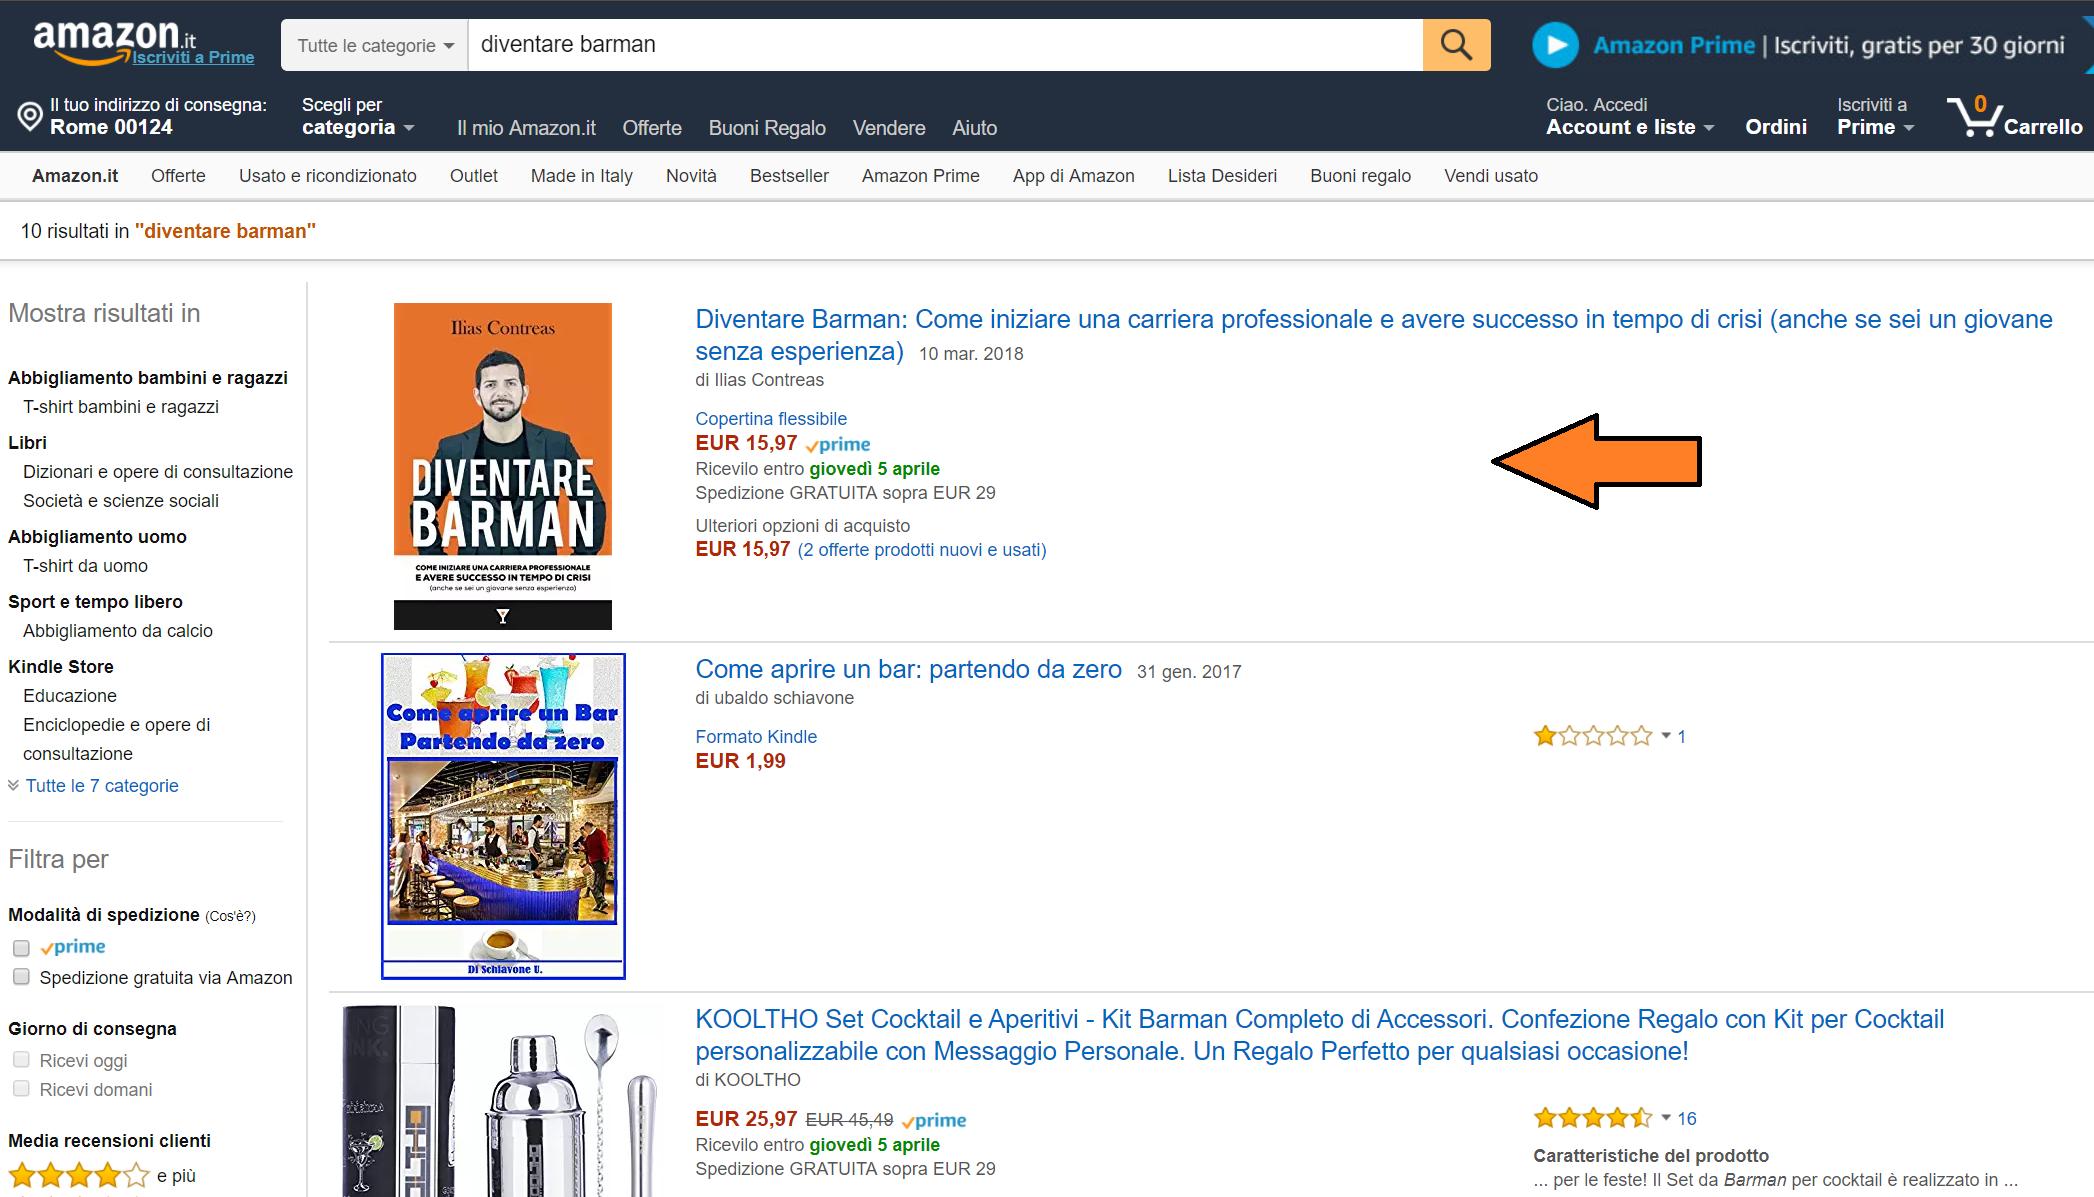 Diventare Barman Libro su Amazon